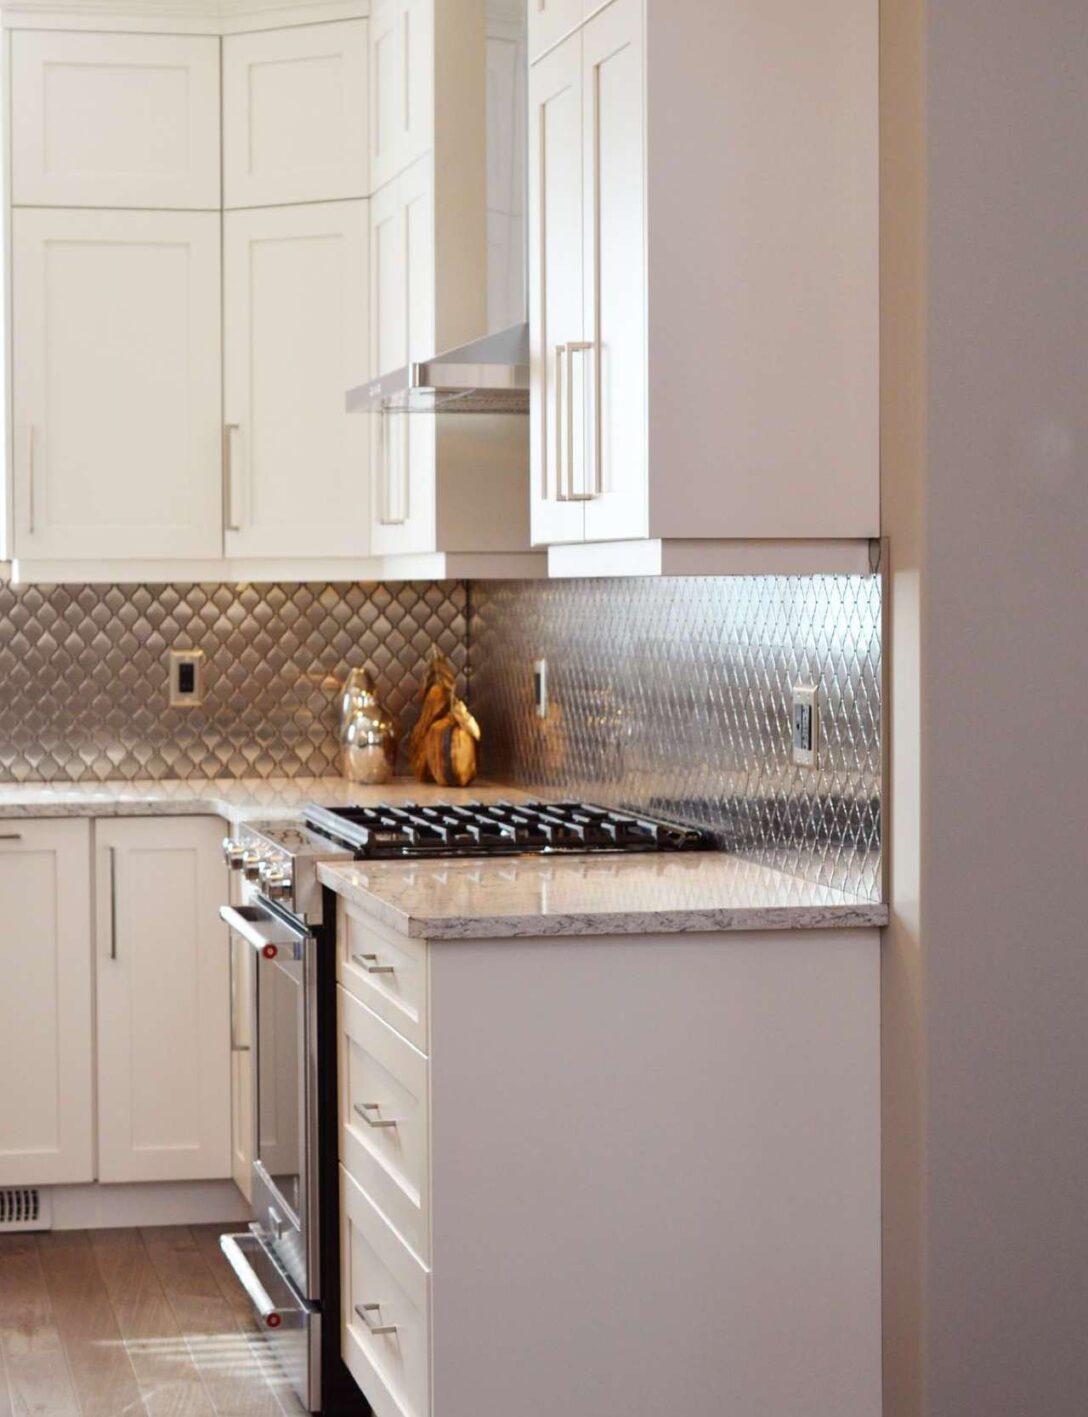 Large Size of Küchen Regal Tapeten Schlafzimmer Für Küche Die Wohnzimmer Ideen Fototapeten Wohnzimmer Küchen Tapeten Abwaschbar